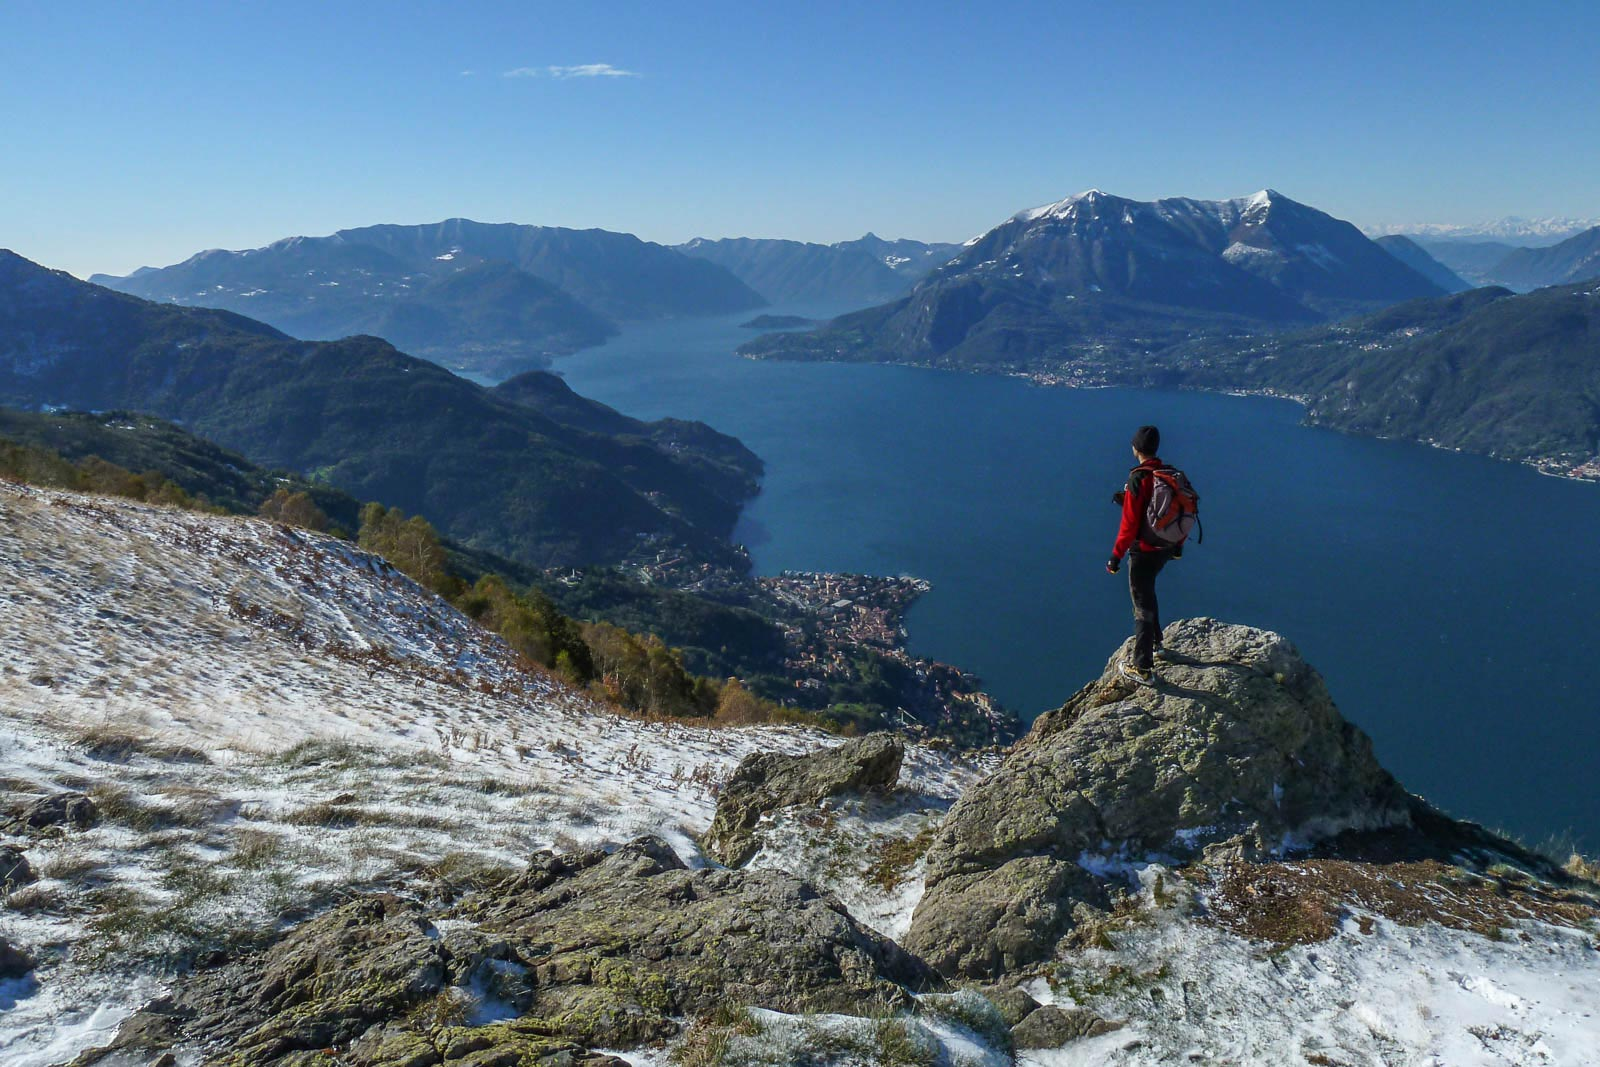 Dai pressi di Camaggiore, sui monti di Bellano, la vista spazia sull'alto lato di Como, sulla penisola di Bellaggio e sulla massiccia sagoma dei monti Tremezzo e Crocione.